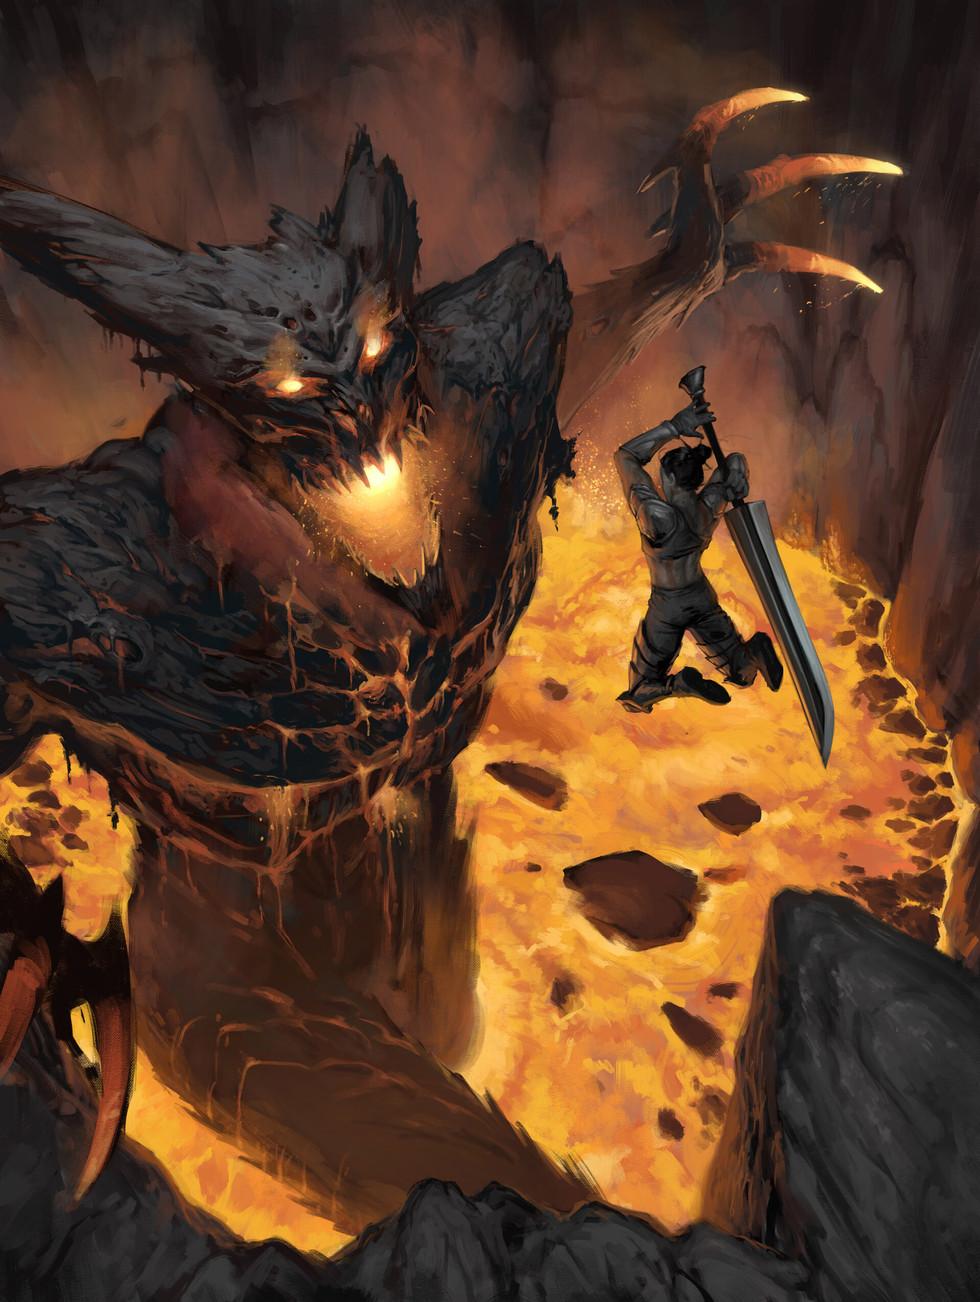 enmanuel-martinez-fire-demon-mid.jpg